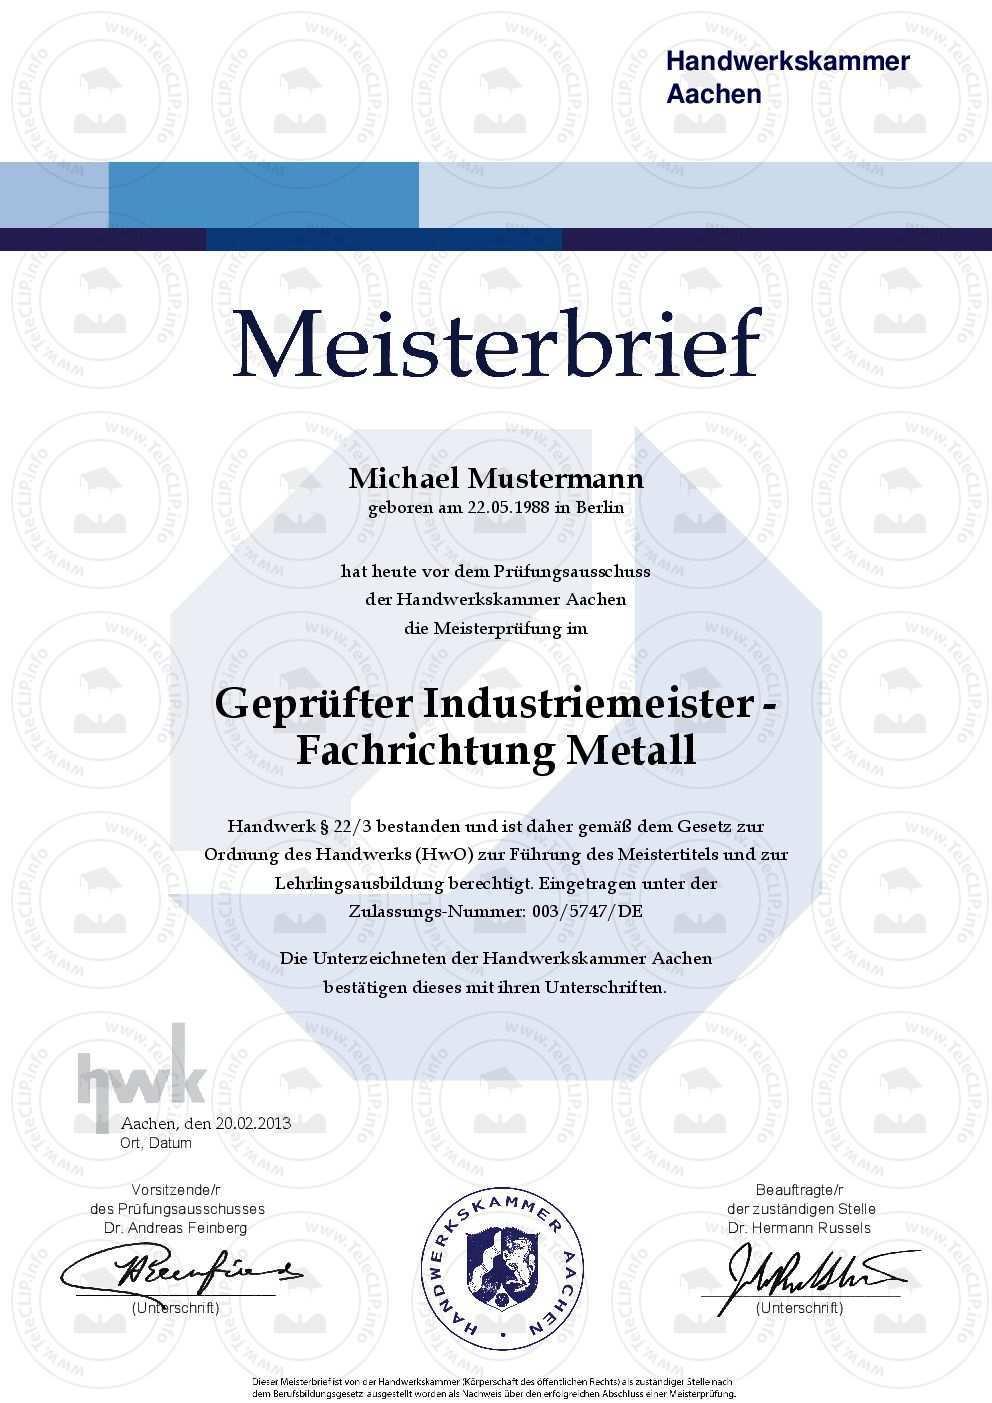 Hwk Meisterbrief Kaufen Hwk Master Urkunde Kaufen Mba Master Kaufen Meistertitel Kaufen Meisterdiplom Kaufen Masterurku Meisterbrief Urkunde Gesellenbrief